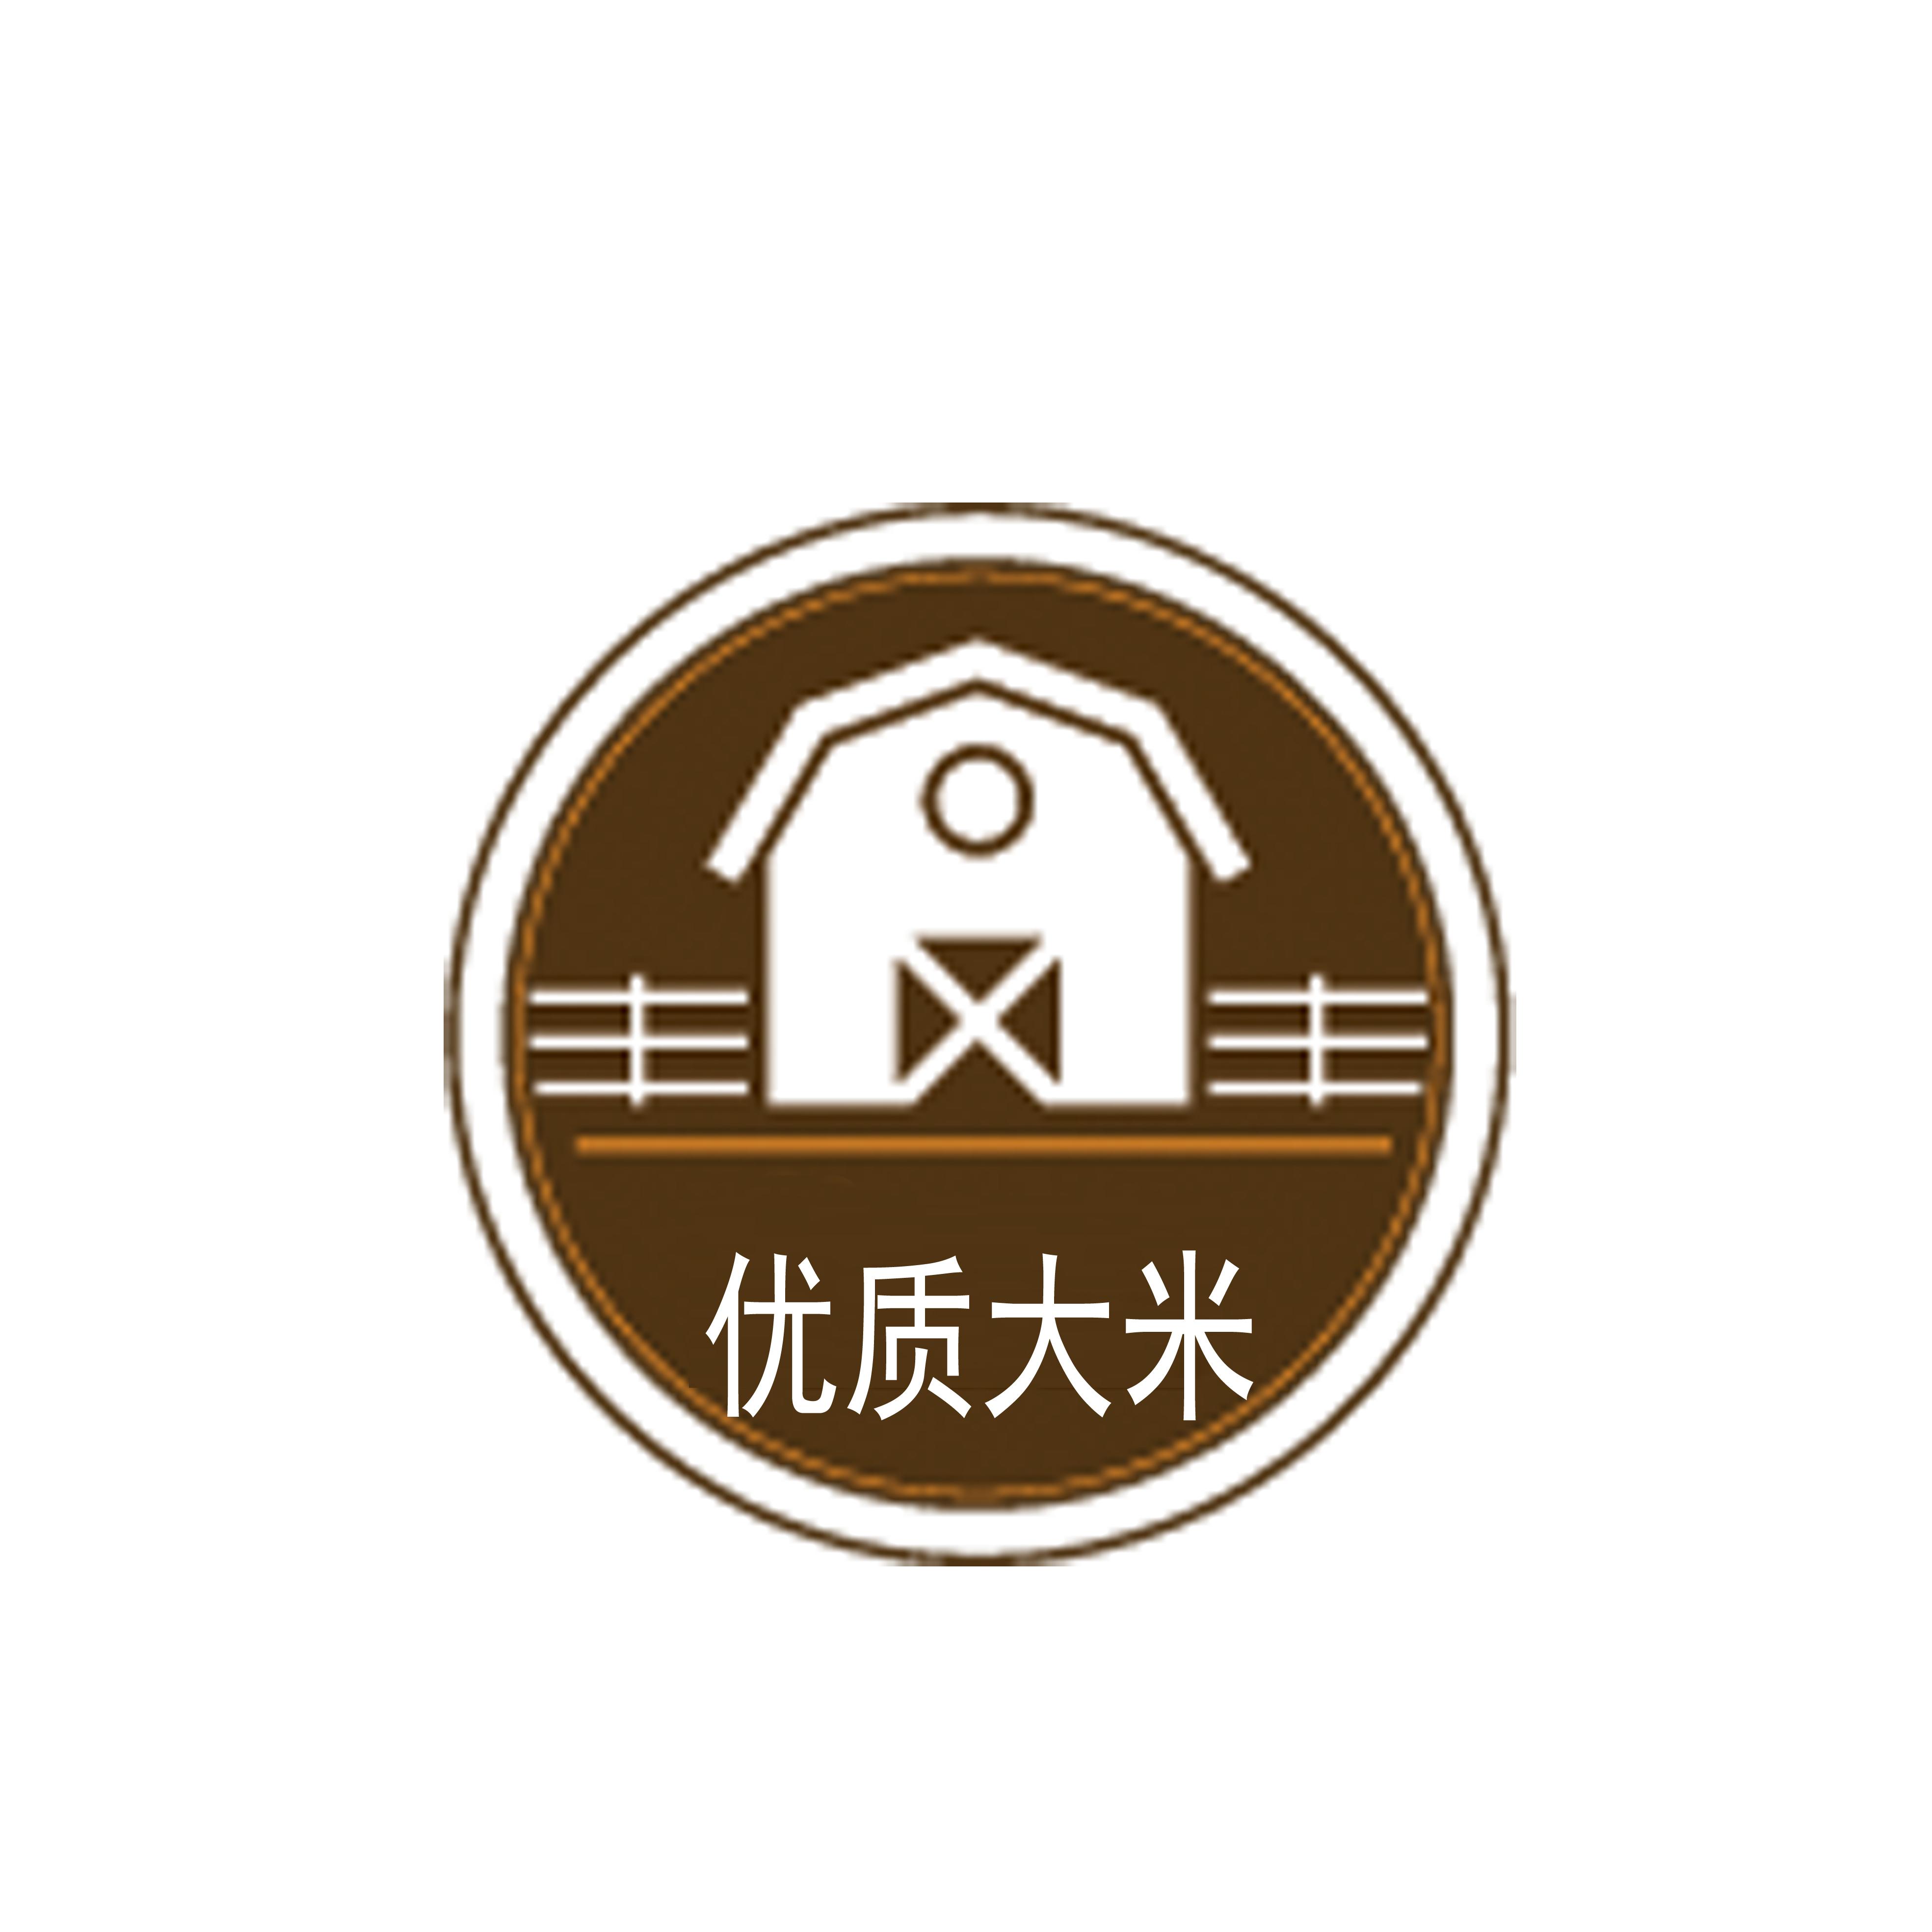 农产品logo素材图片